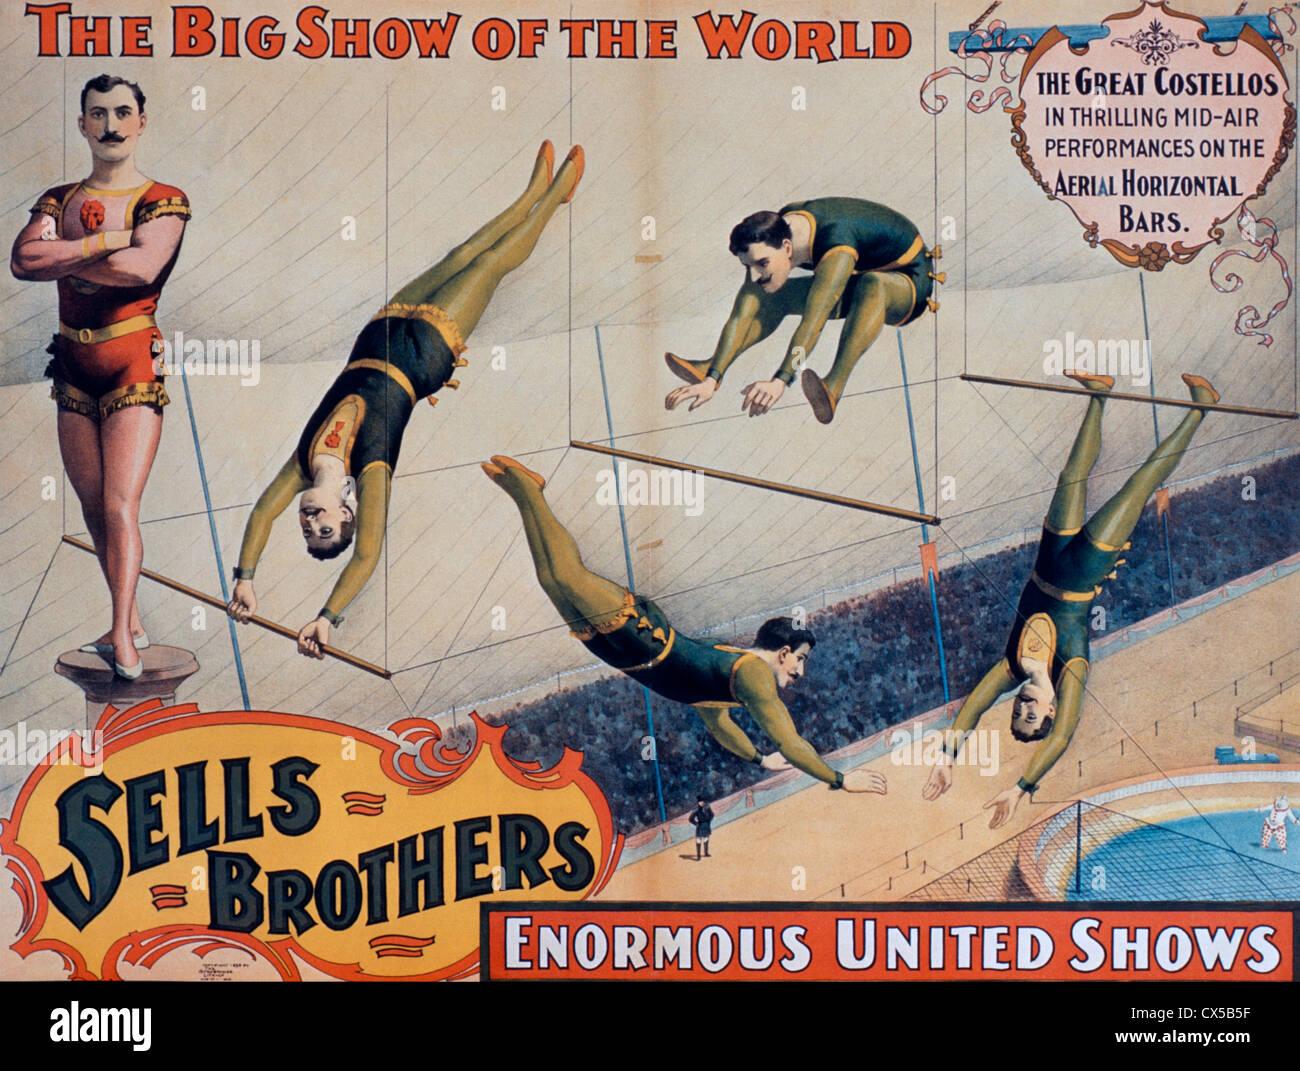 Verkauft Brüder enorme vereint zeigt Poster, die großen Costellos in spannenden mitten in der Luft-Aufführungen Stockbild